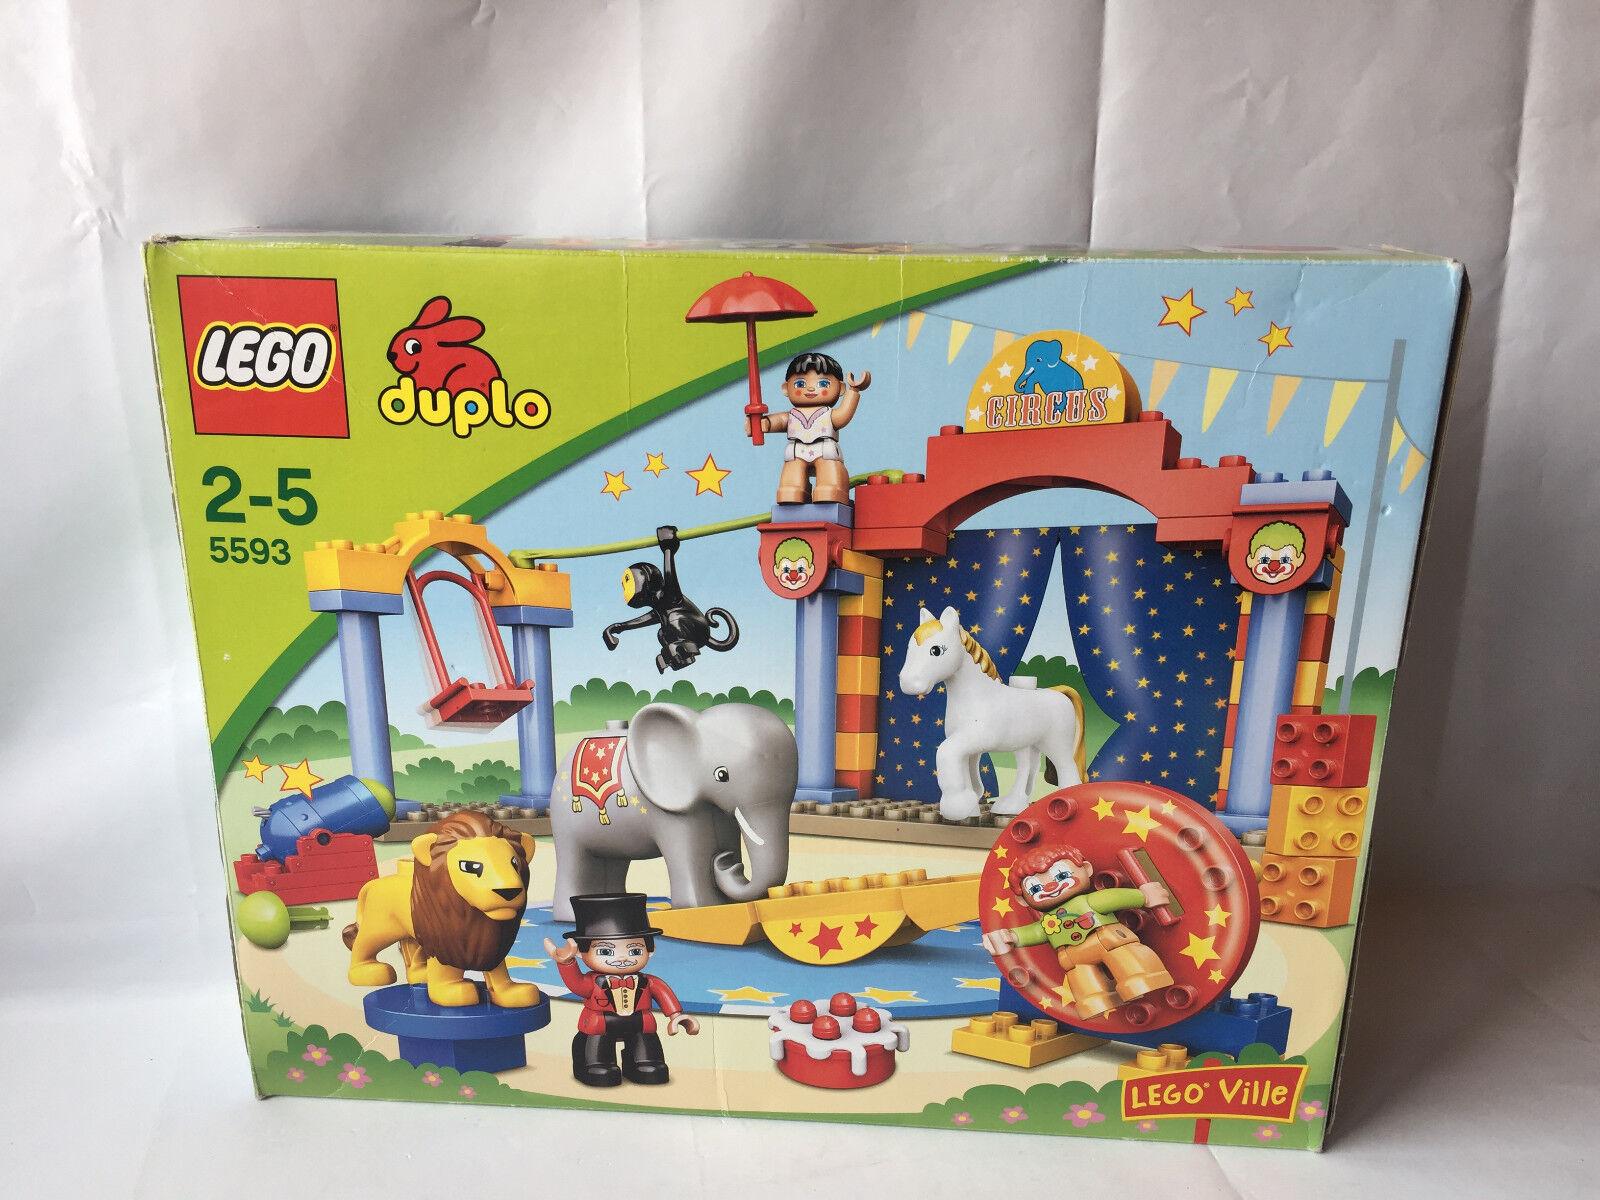 LEGO DUPLO VILLE circo-clown, pista numero, leone, elefante, ARTIST Set 5593 IN SCATOLA ORIGINALE